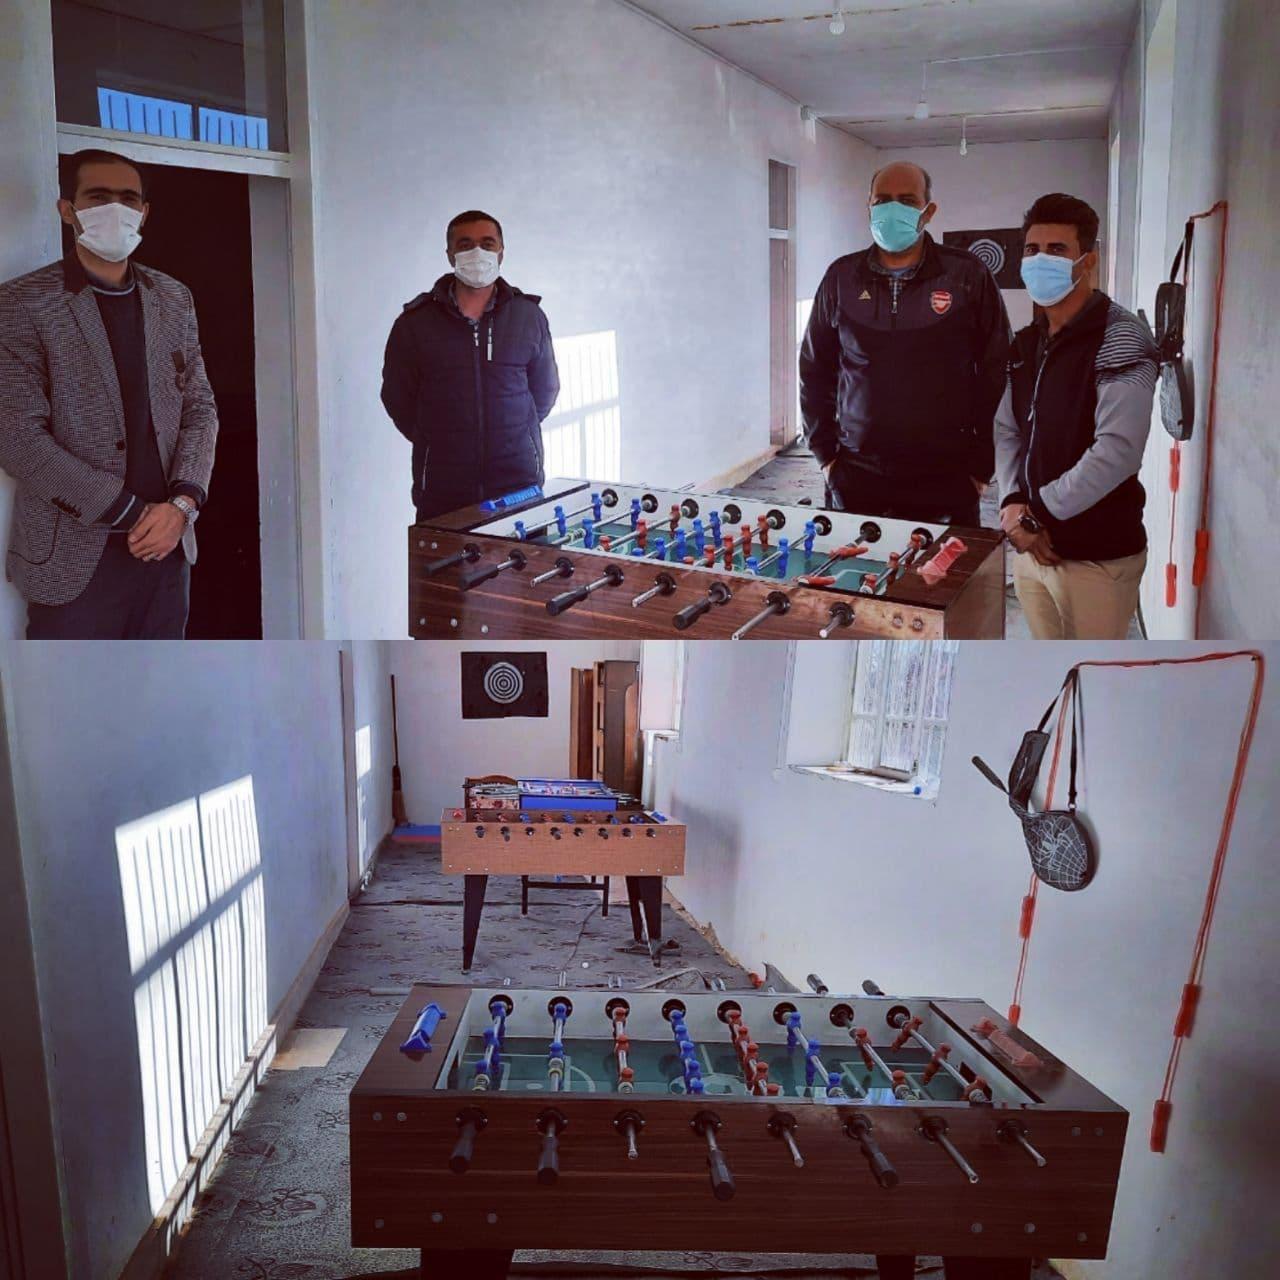 بازدید رئیس اداره ورزش و جوانان از خانه ورزش روستای شکرناب